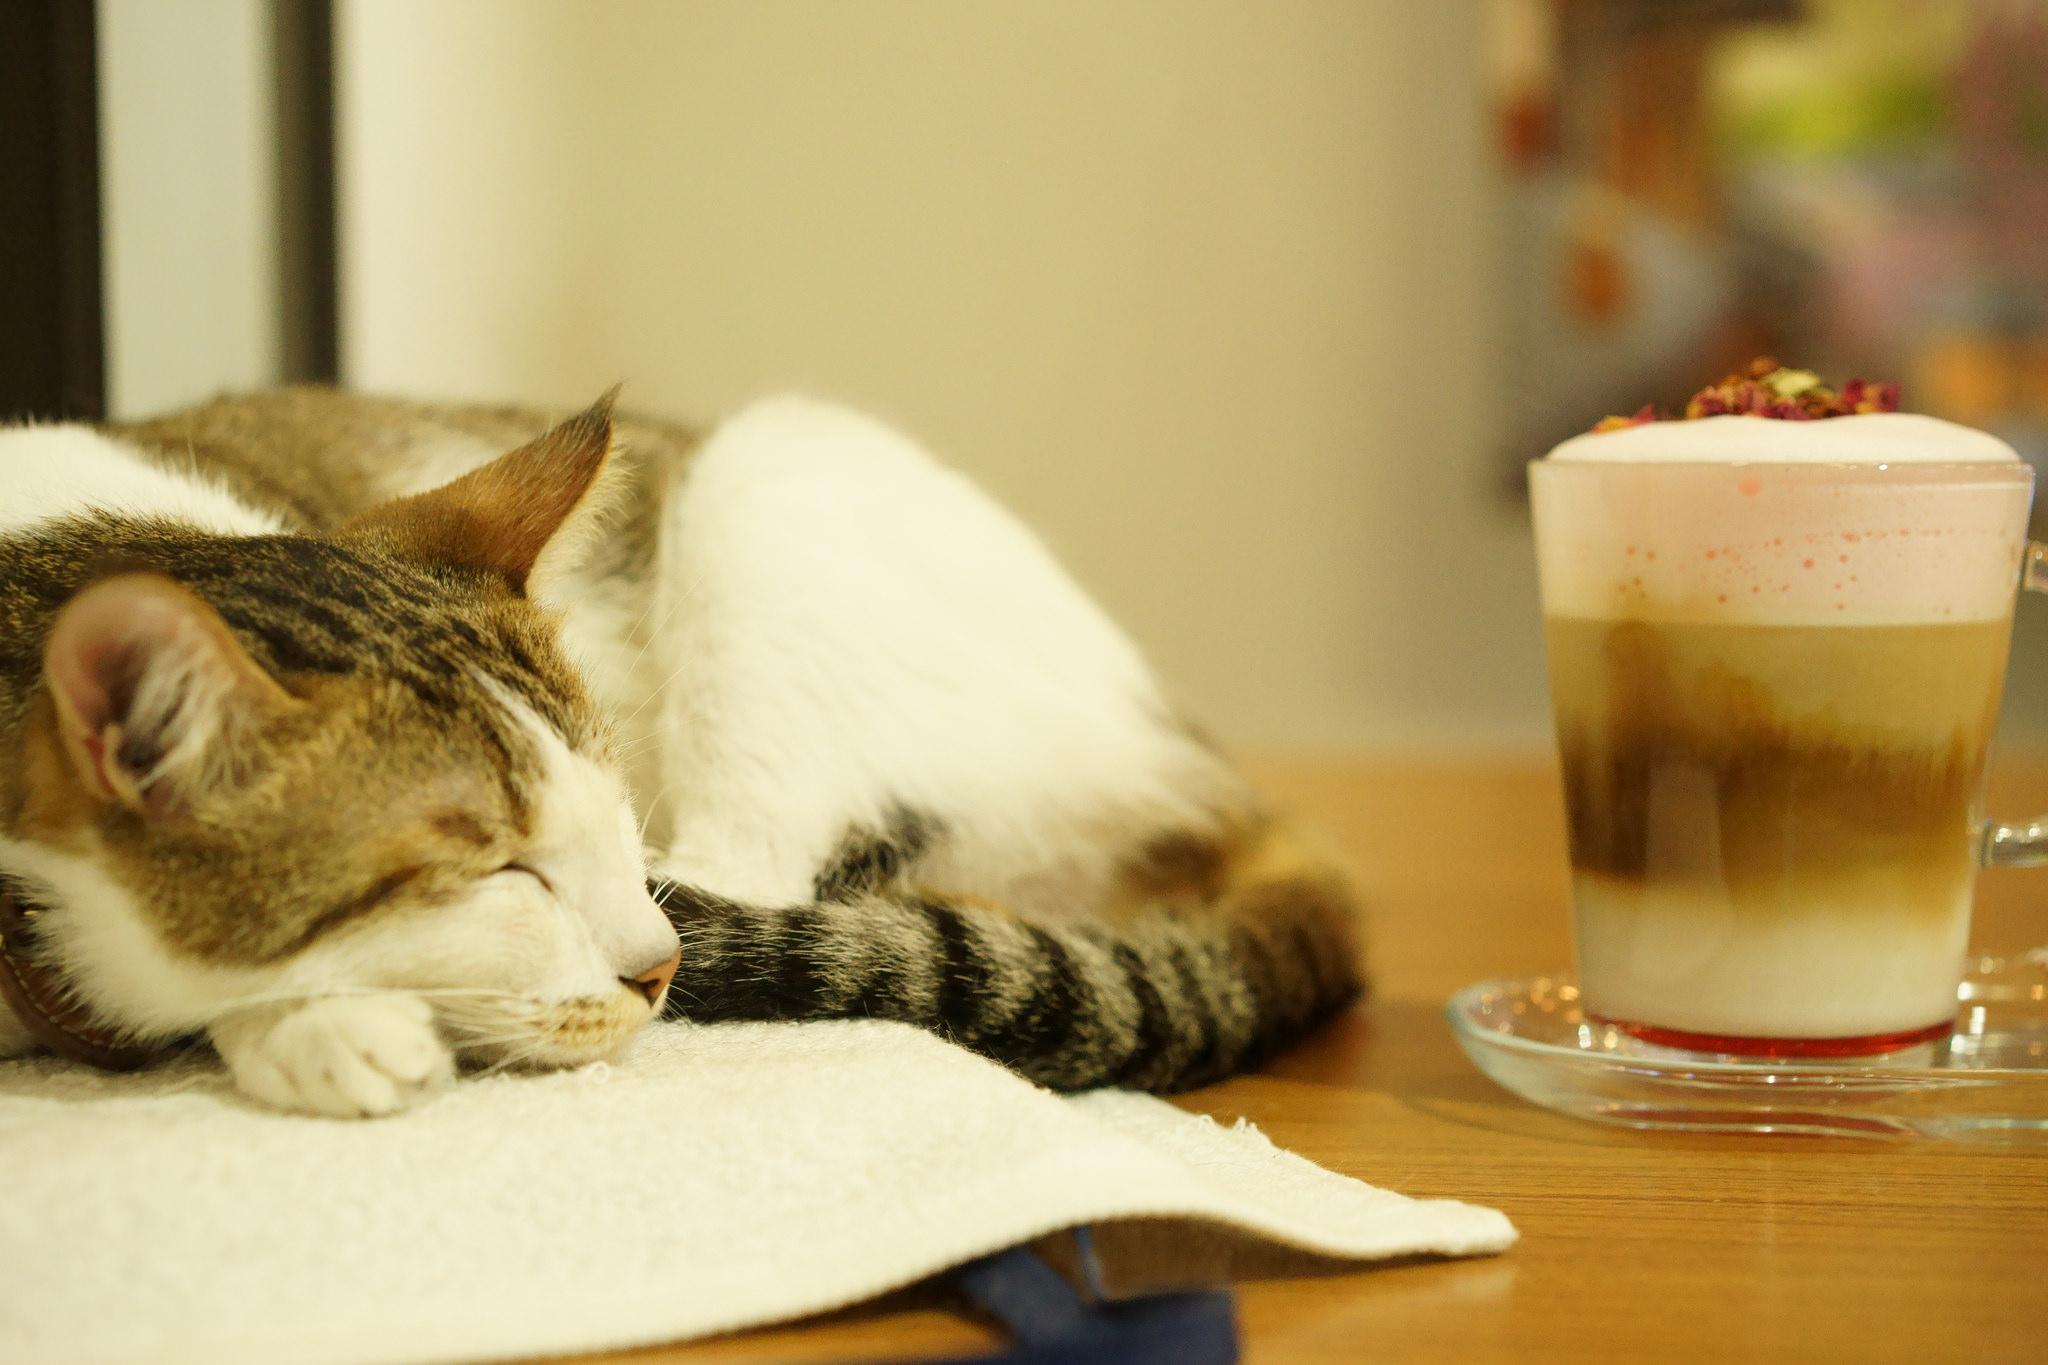 發現【貓咪文創咖啡】到「三貓小舖」 享受被喵星人包圍的下午!